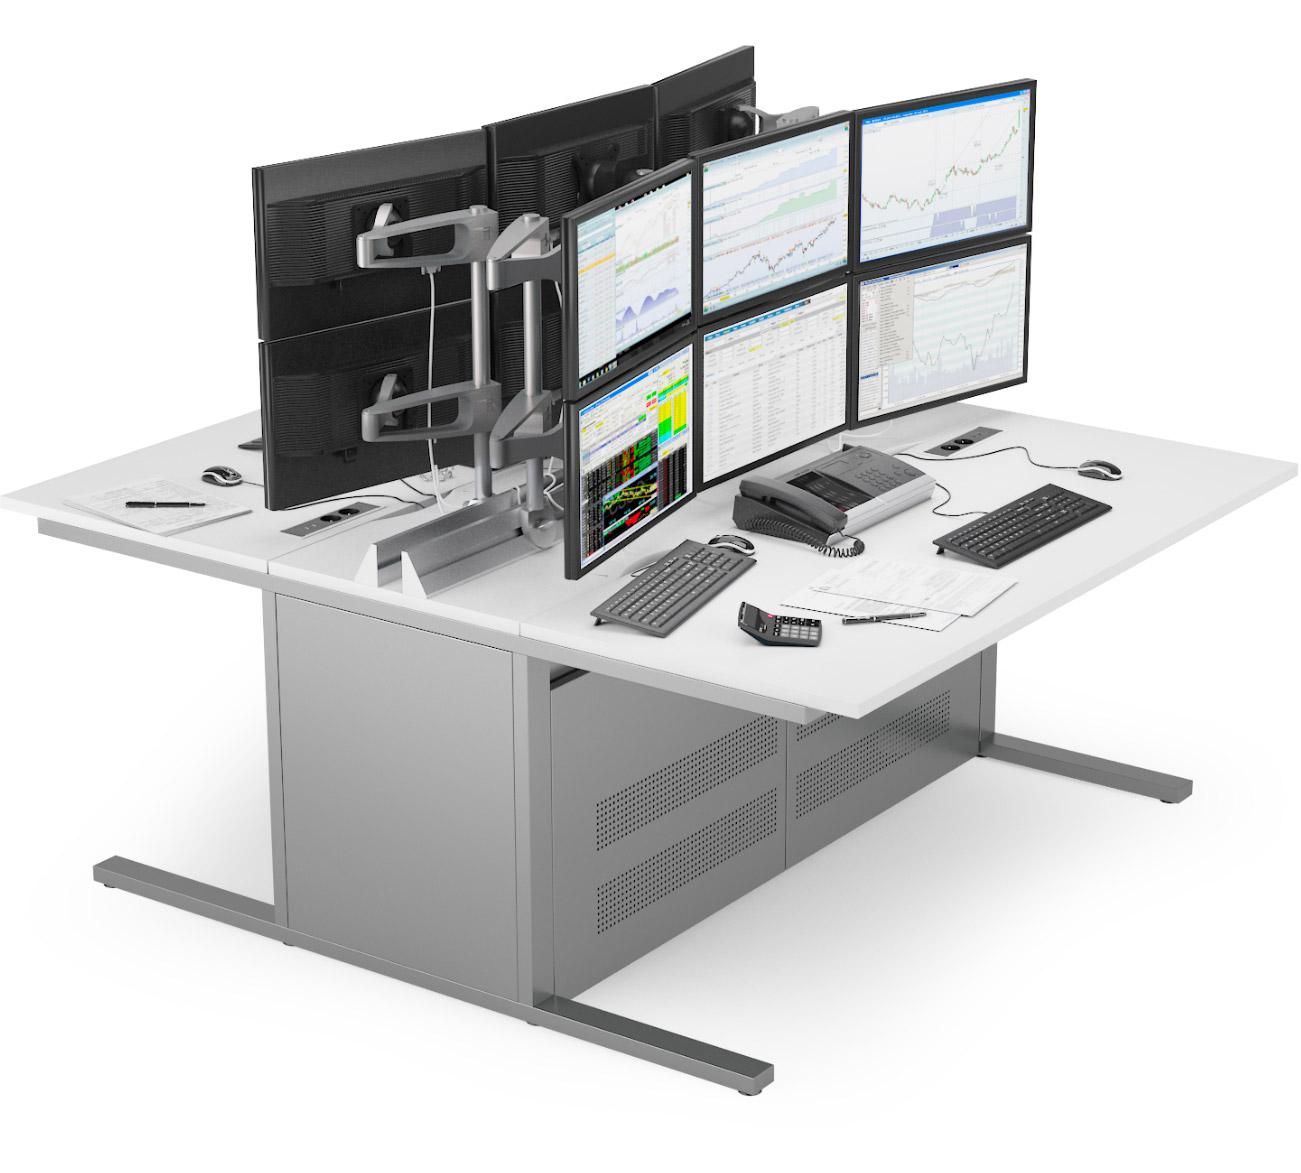 Pupitre informatique bench du mobilier pour salles de marchés EGIC'DESK S.2